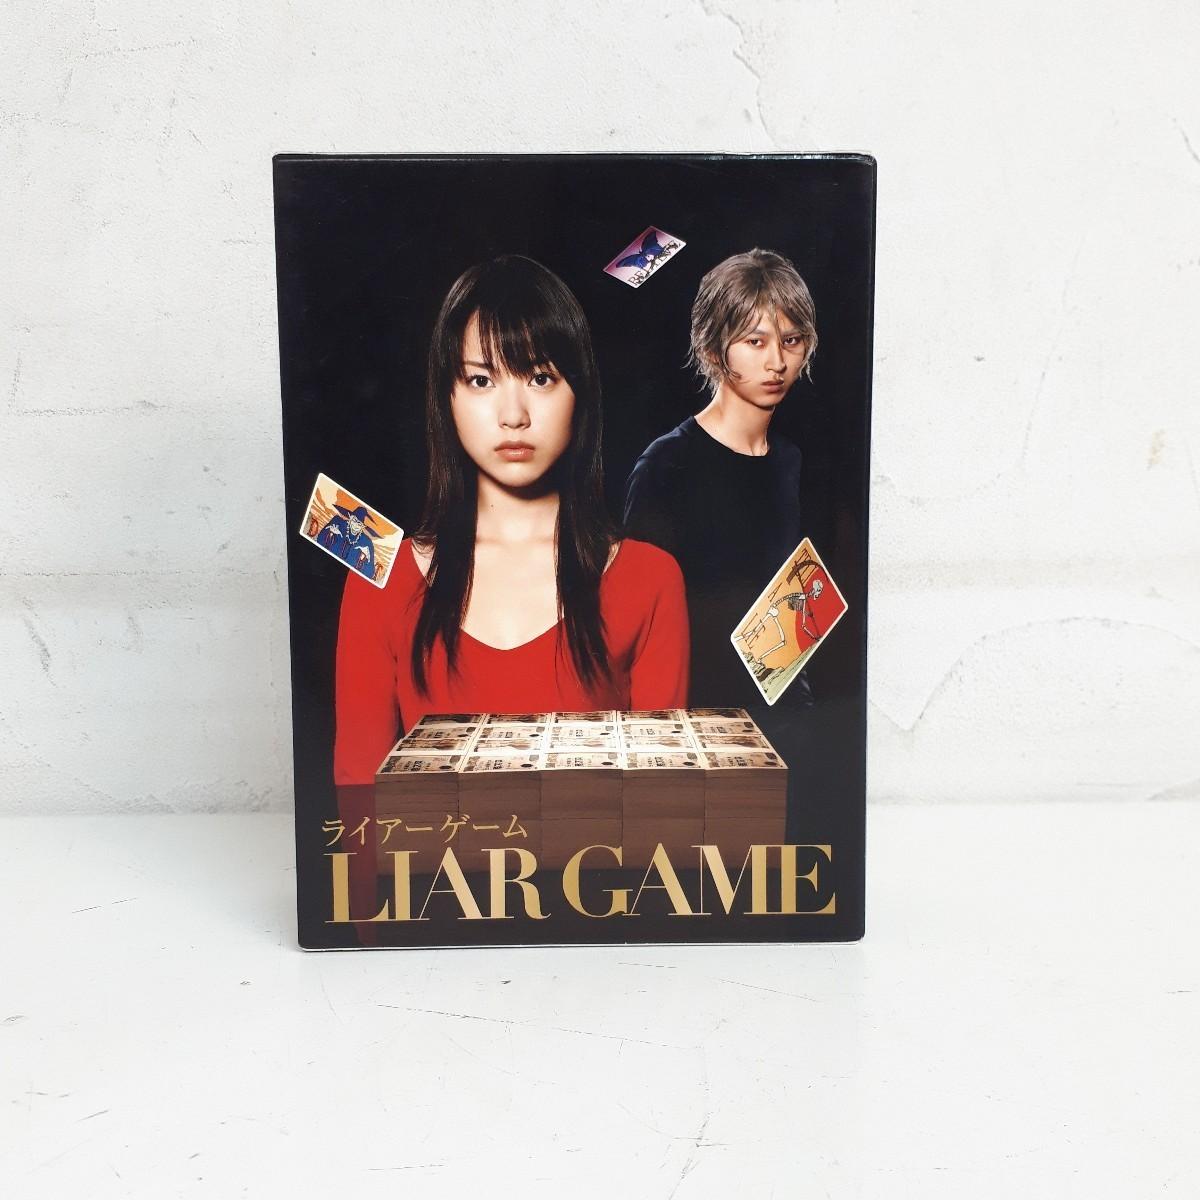 ゲーム liar game ライアー